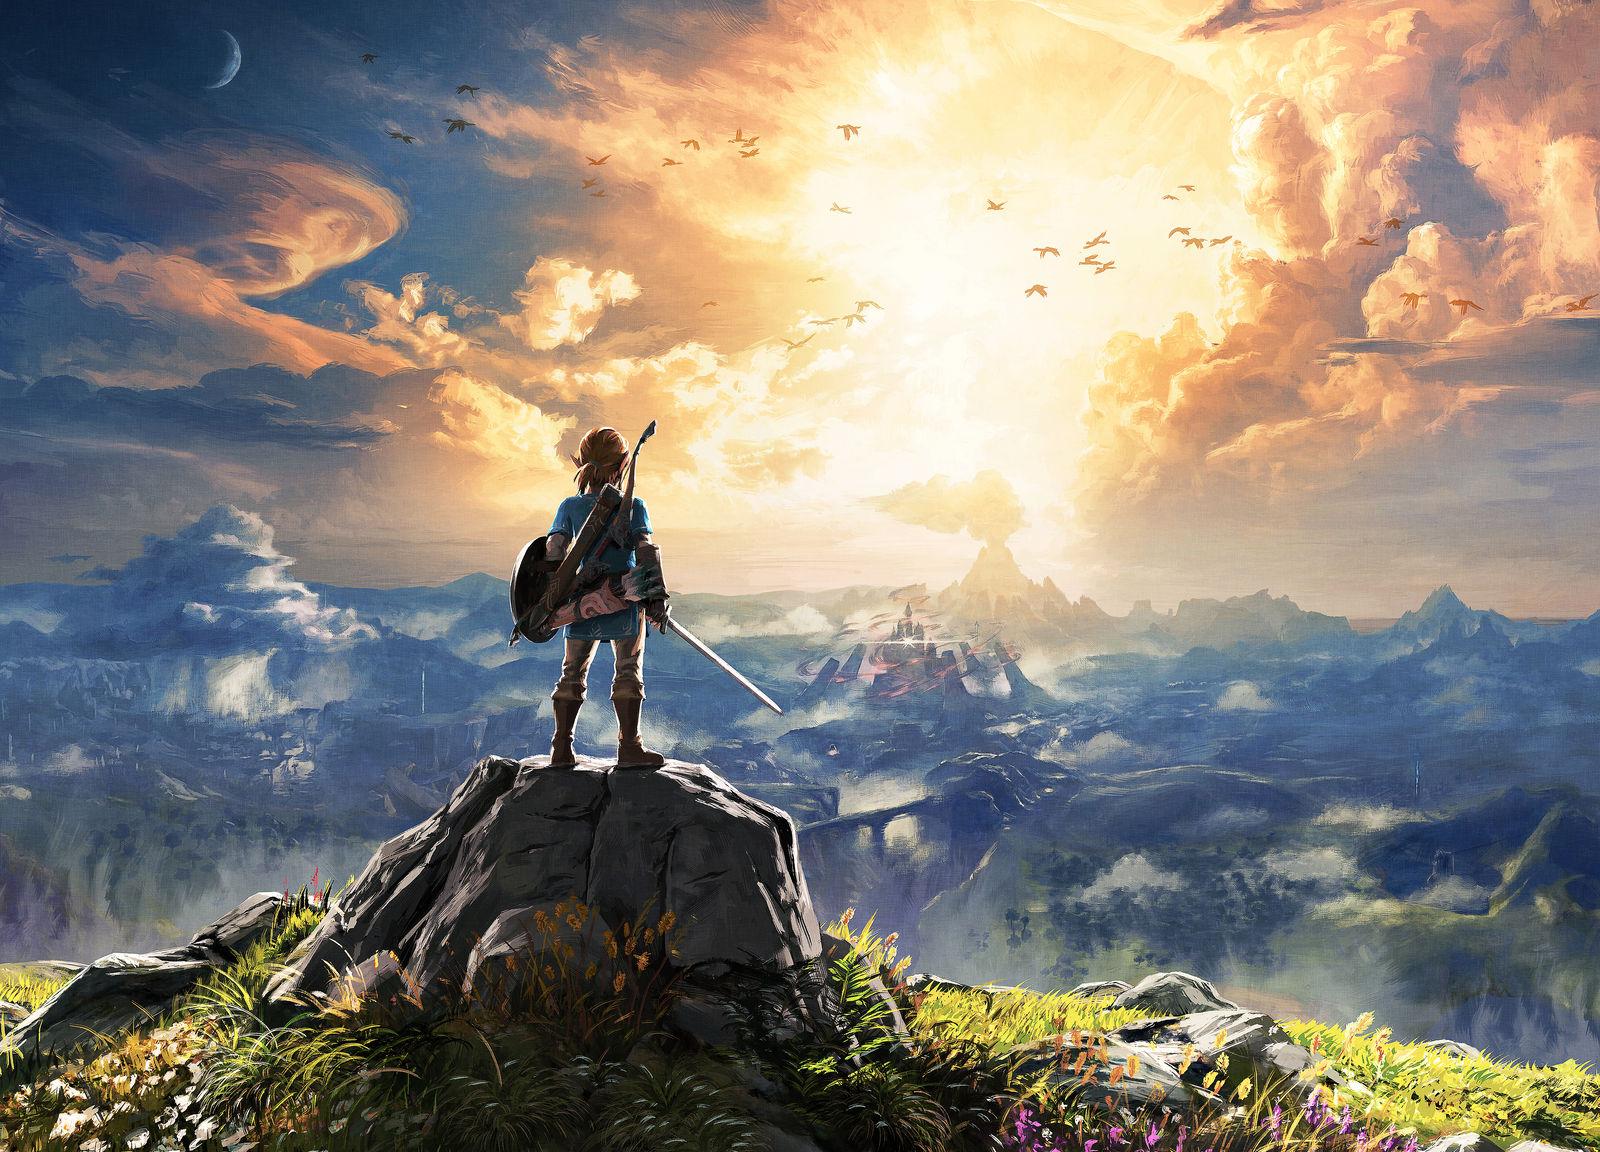 The Legend Of Zelda: Breath of The Wild | 4K